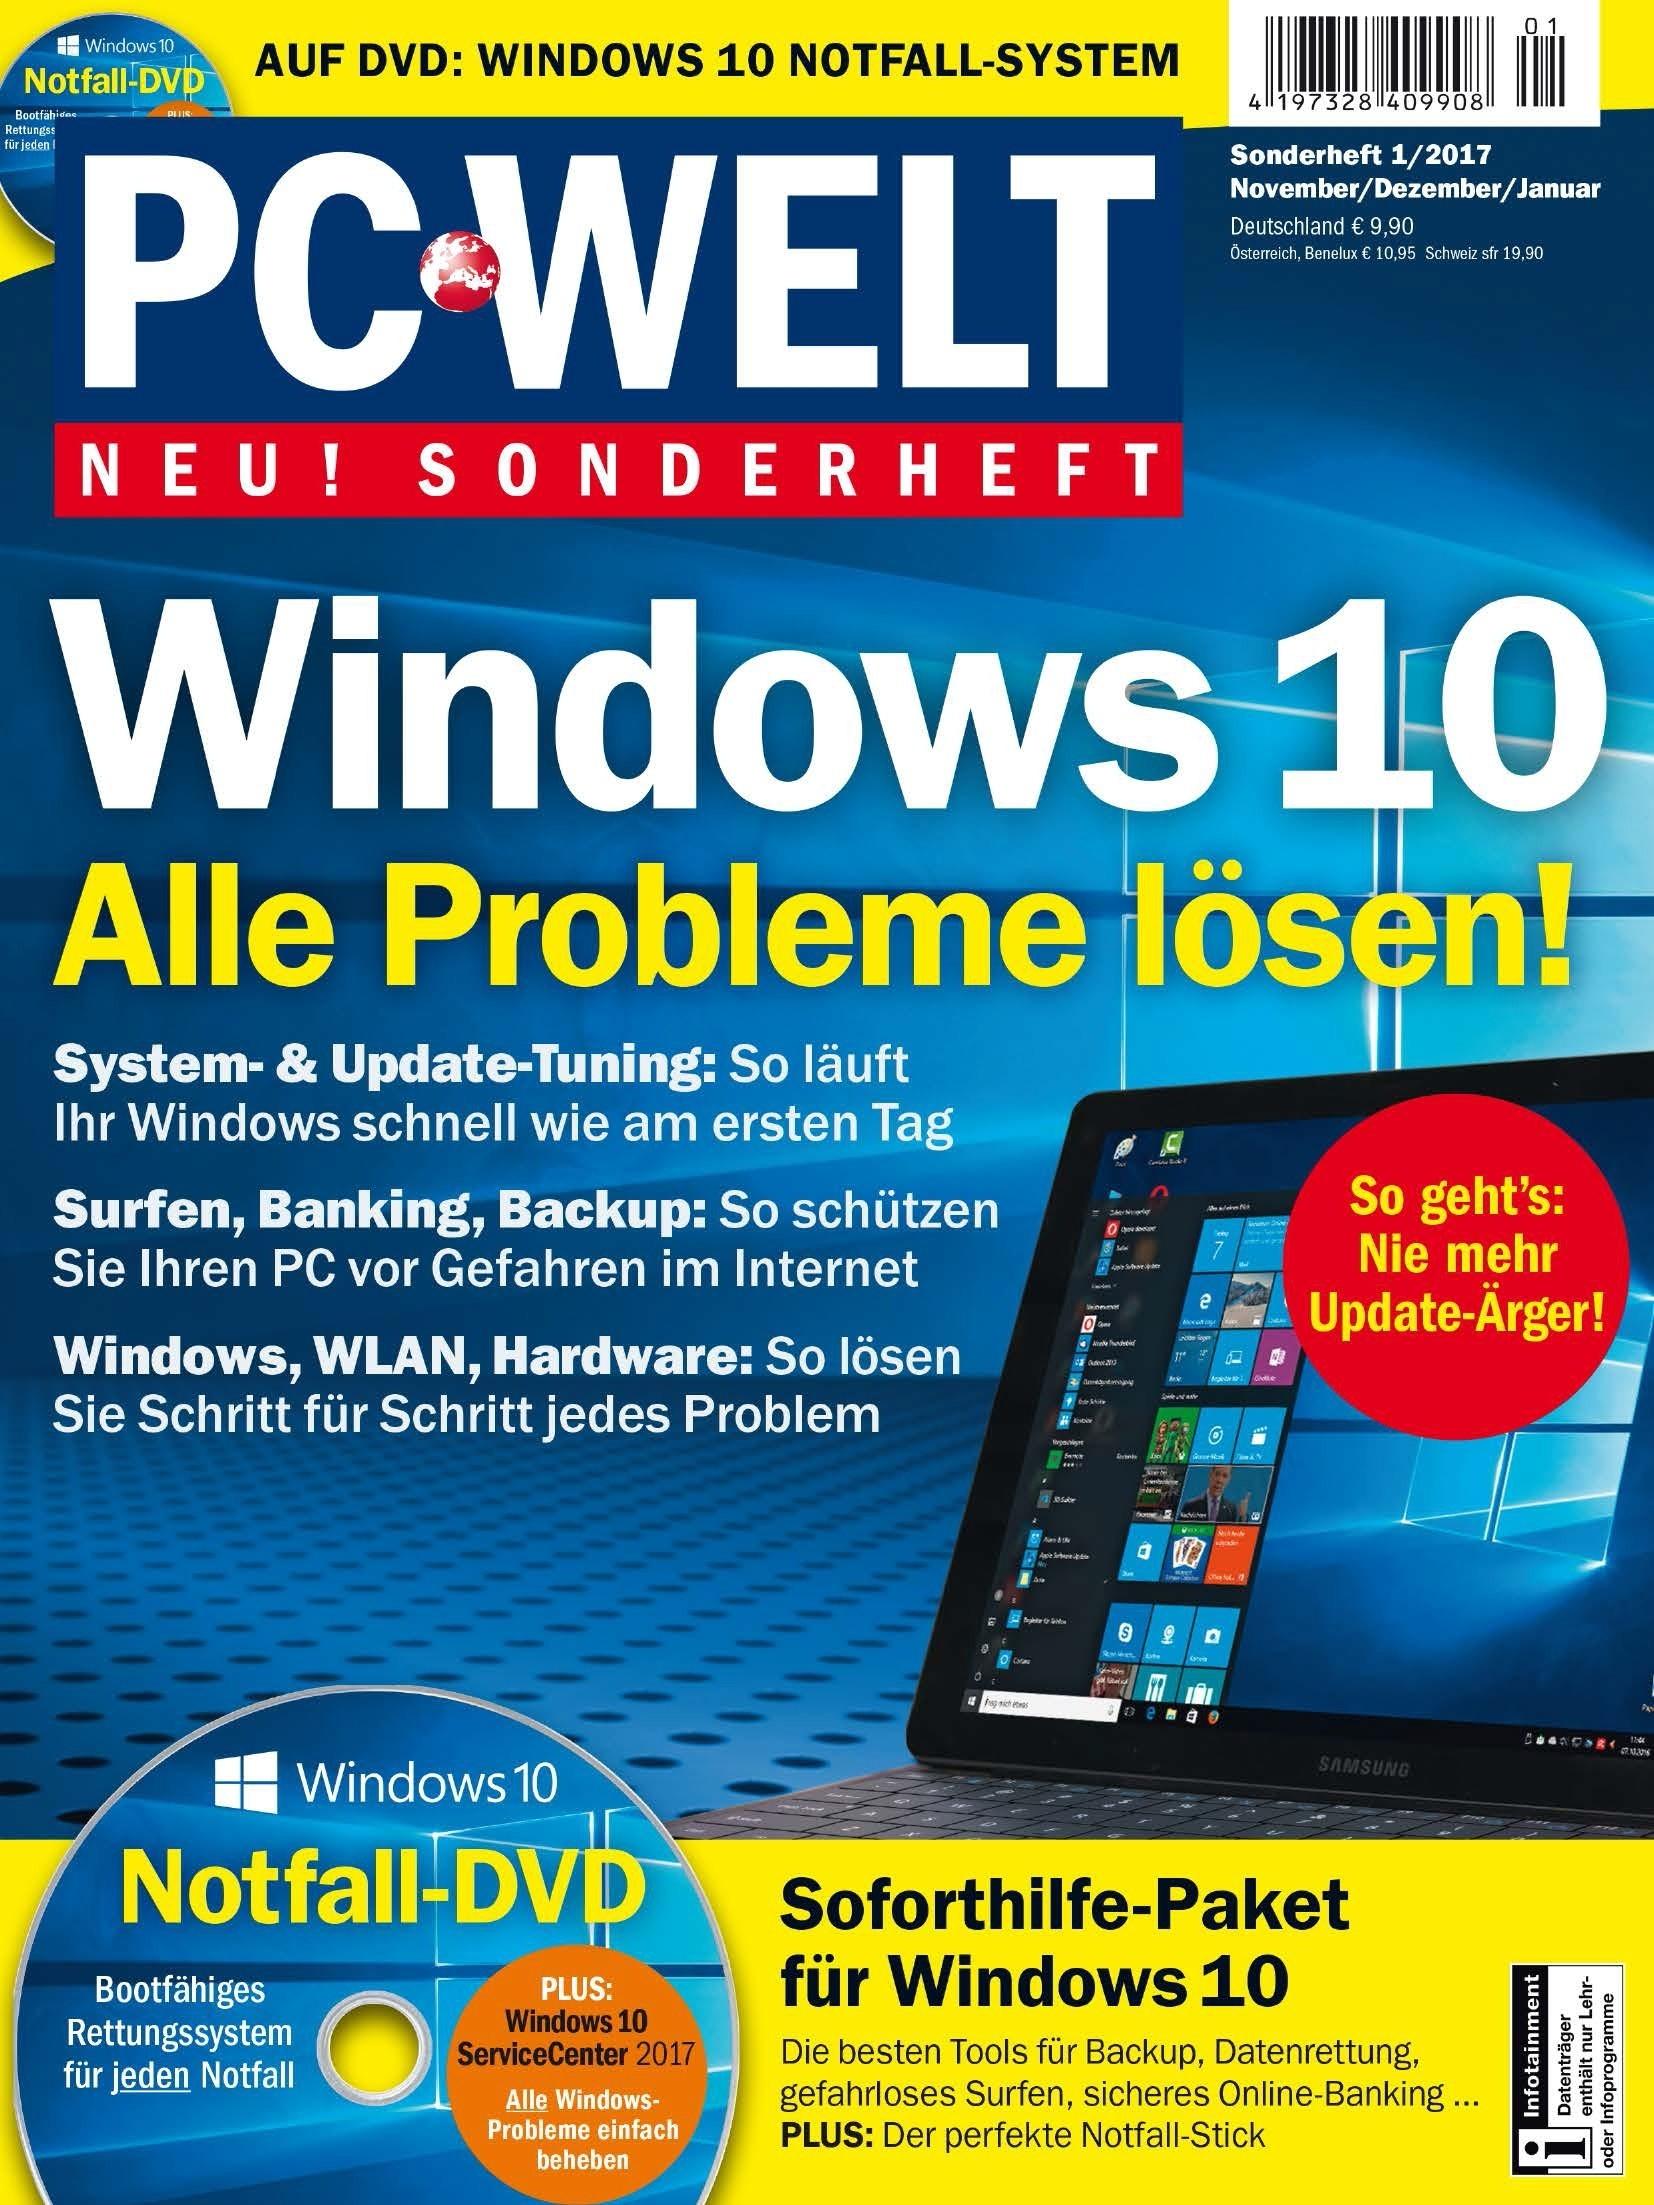 PC Welt - Gratis Sonderheft Windows 10: Alle Probleme lösen